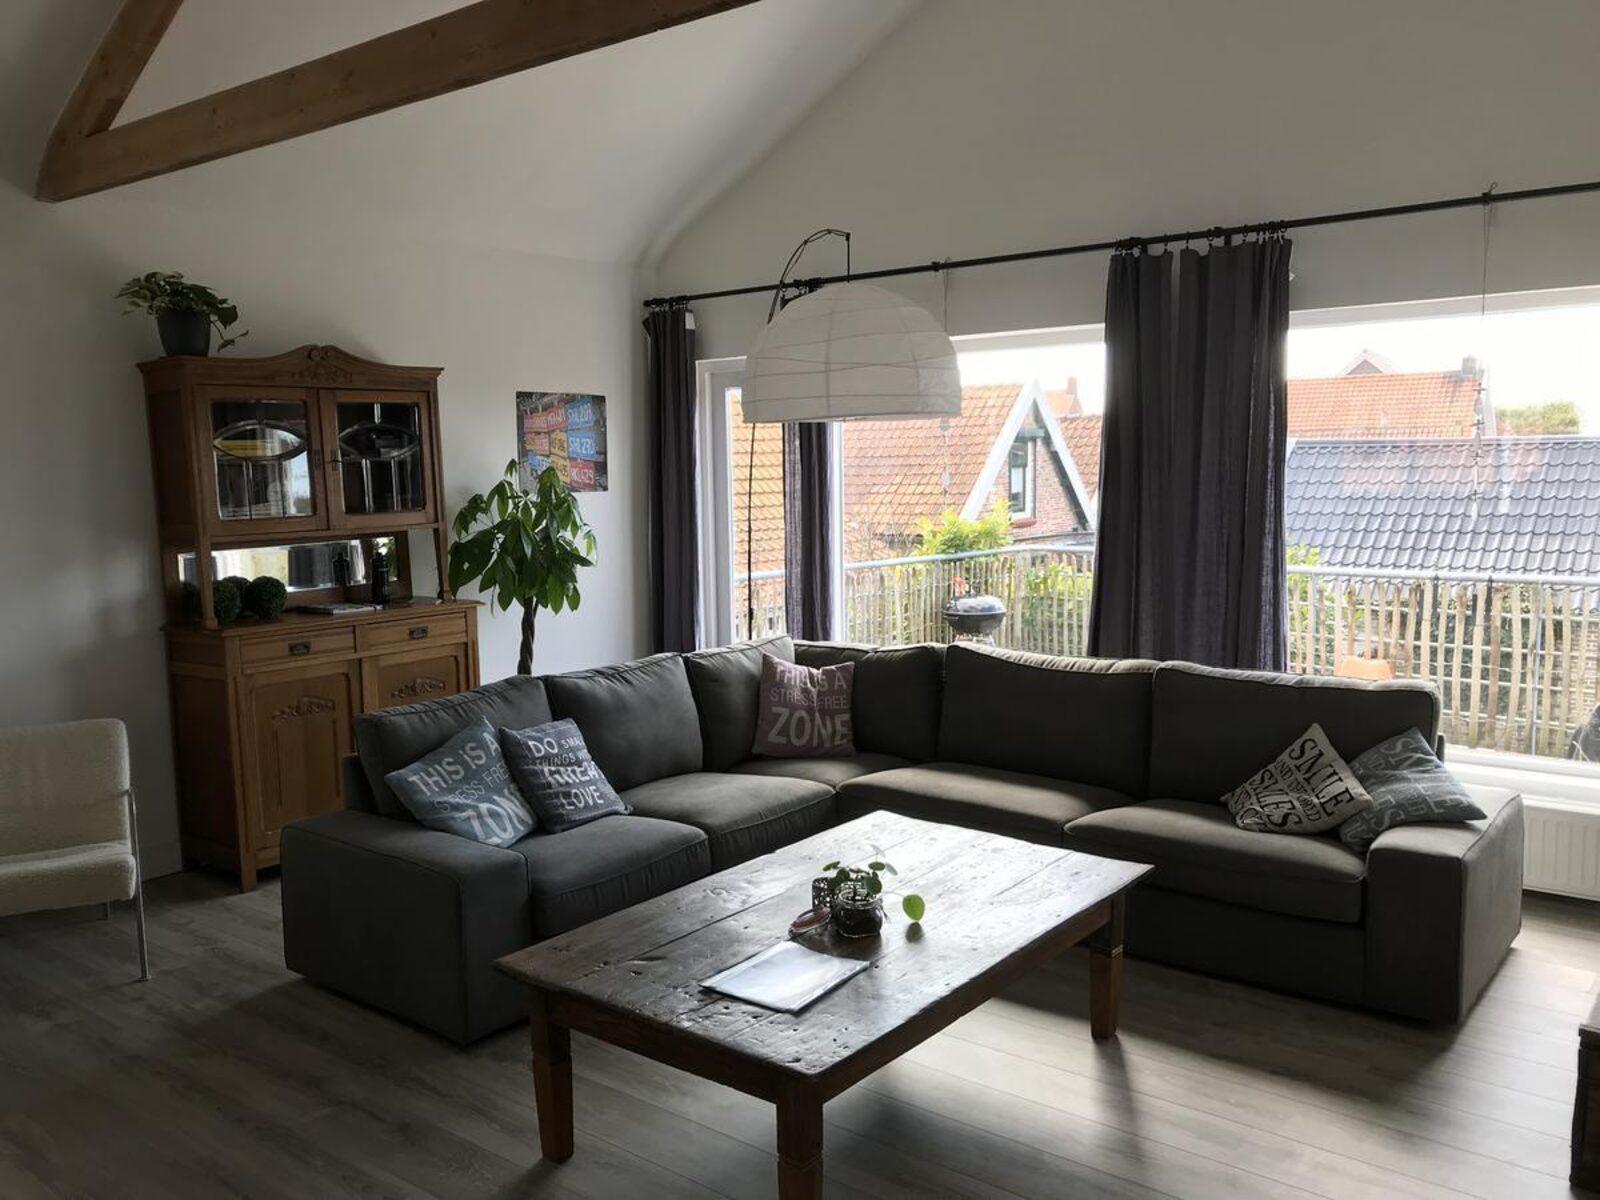 Holiday-appartement - Brouwerijstraat 3 | Groede